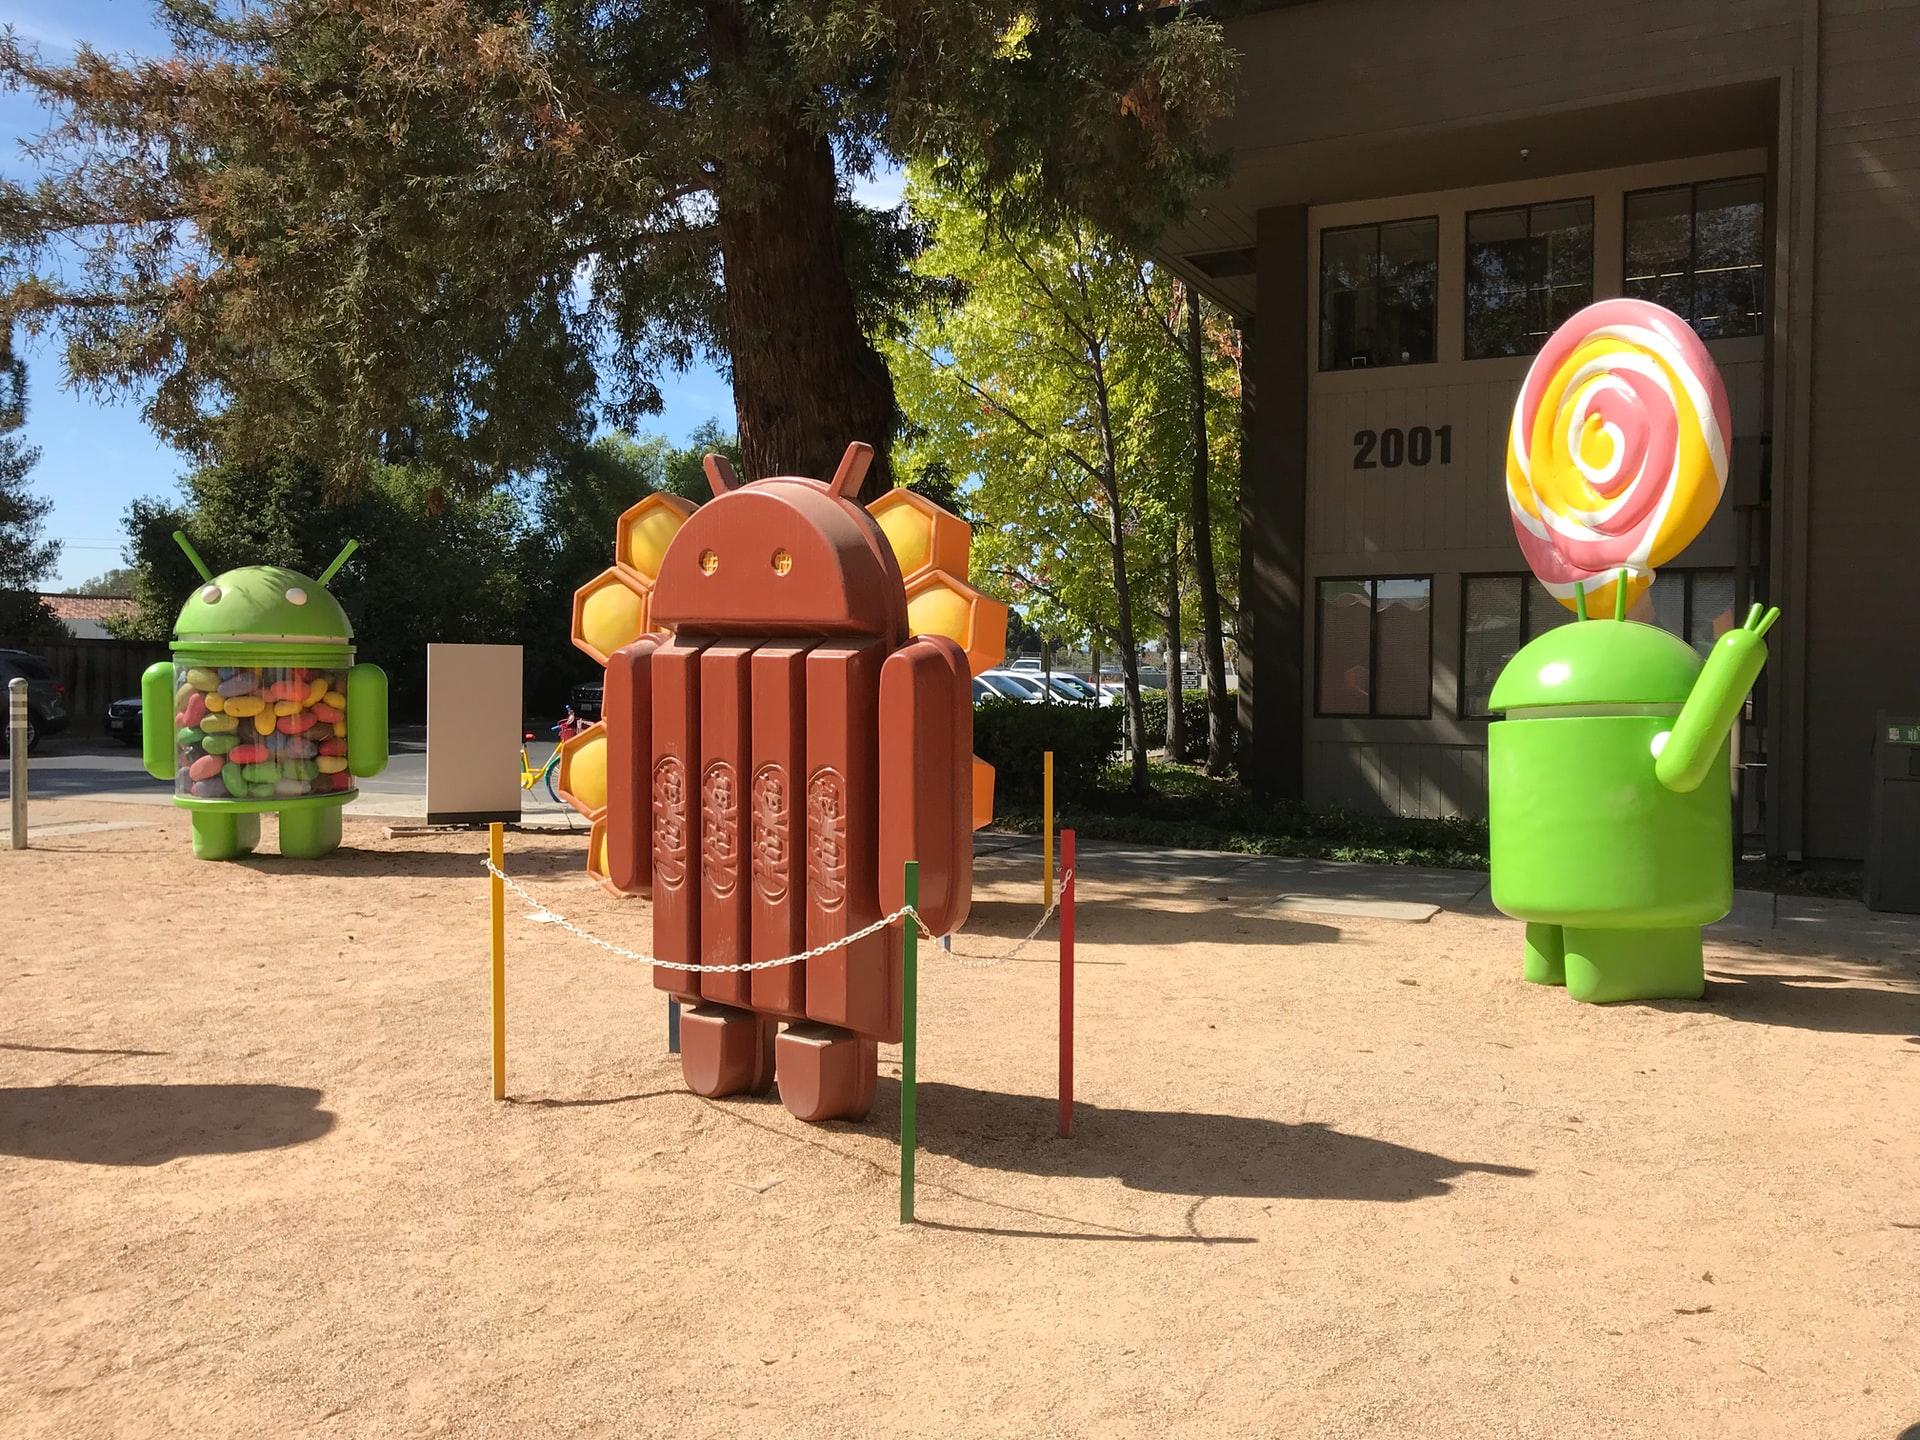 Une photo des statues Android